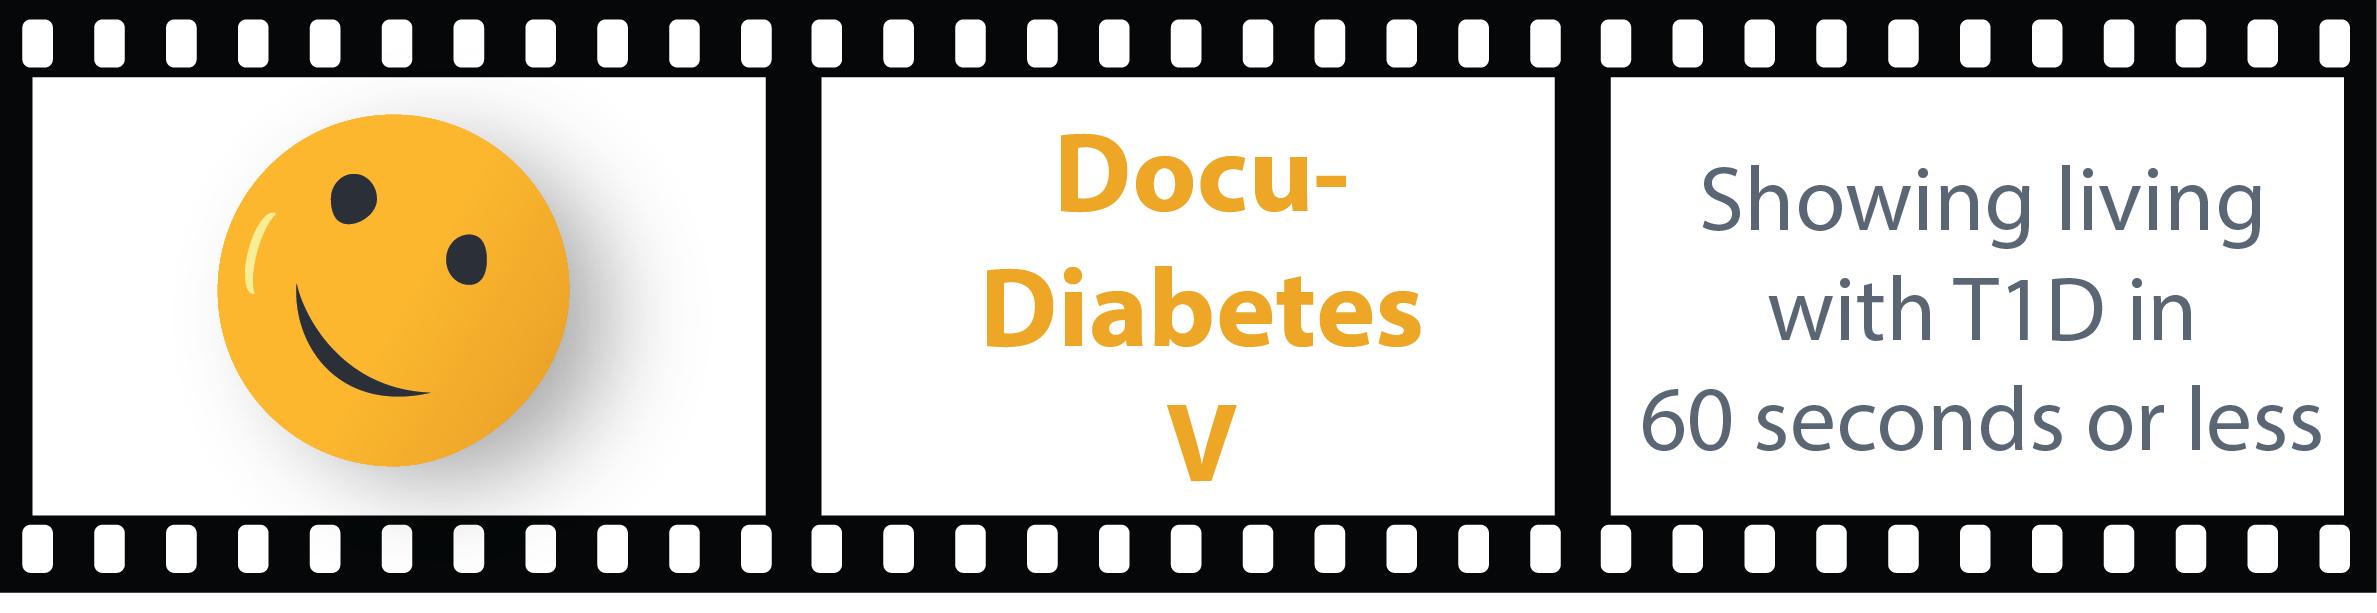 Docu-Diabetes V